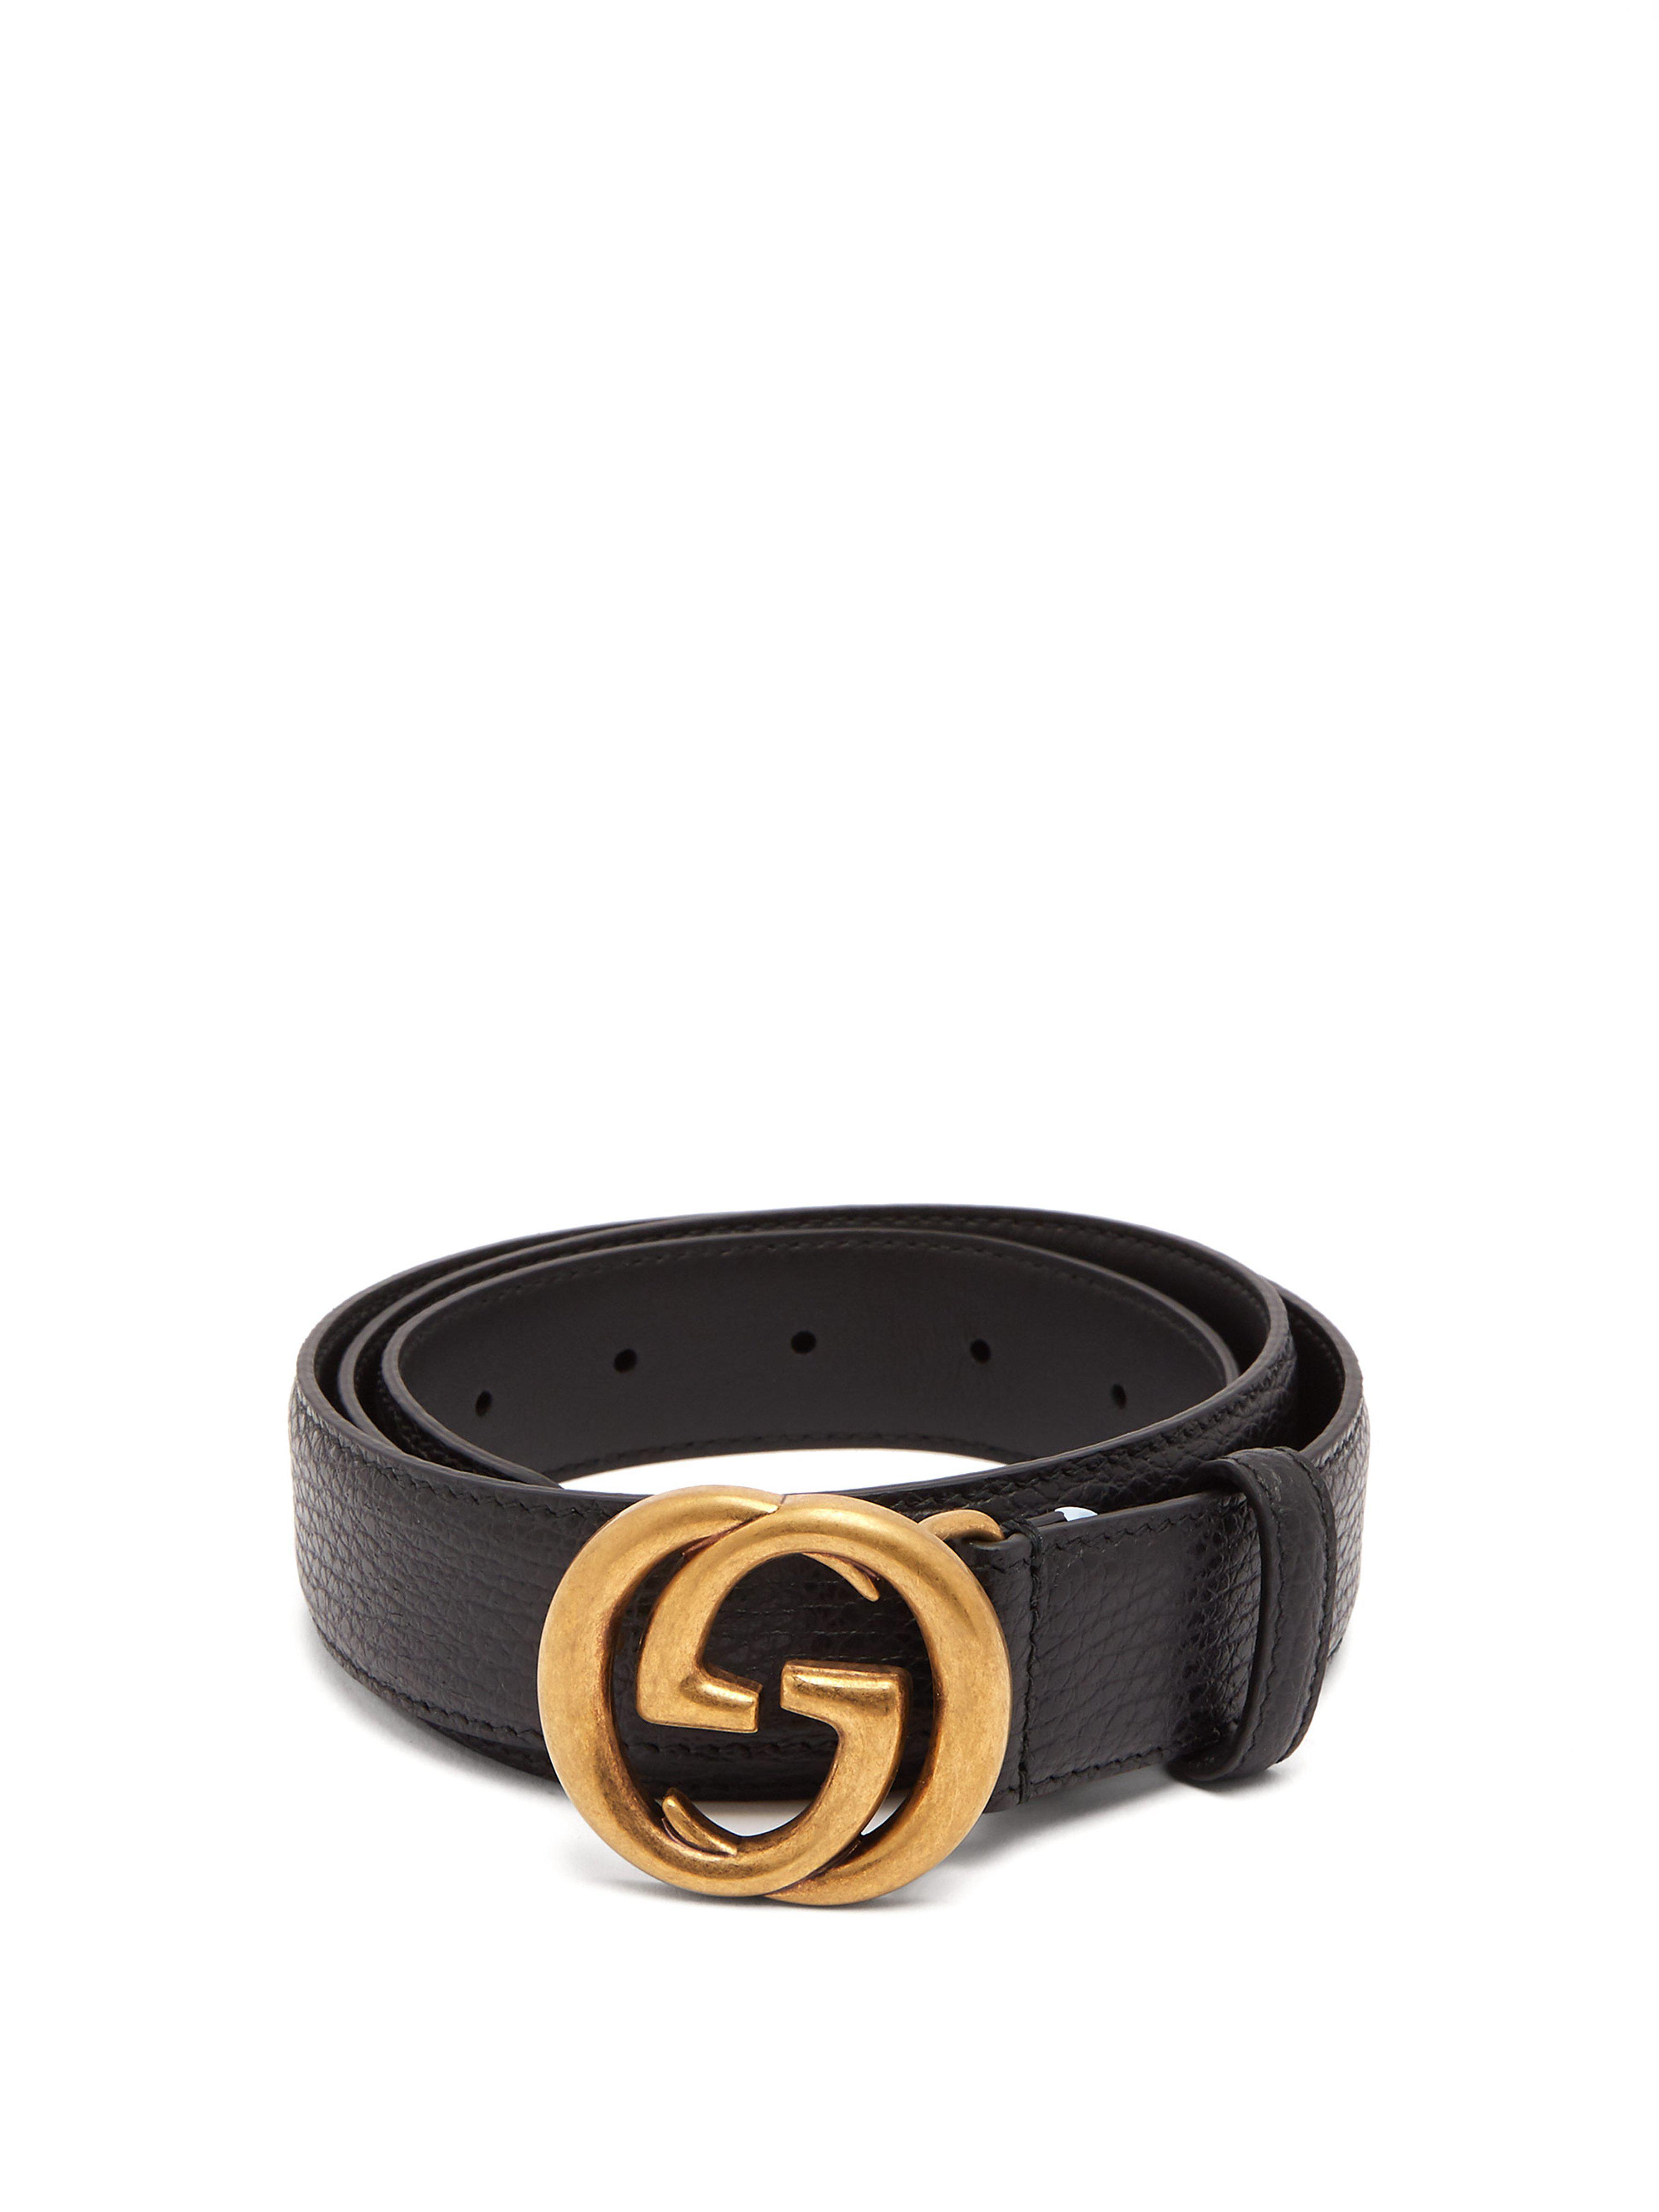 Lyst - Ceinture en cuir GG Gucci pour homme en coloris Noir ... 26ee42a6b40